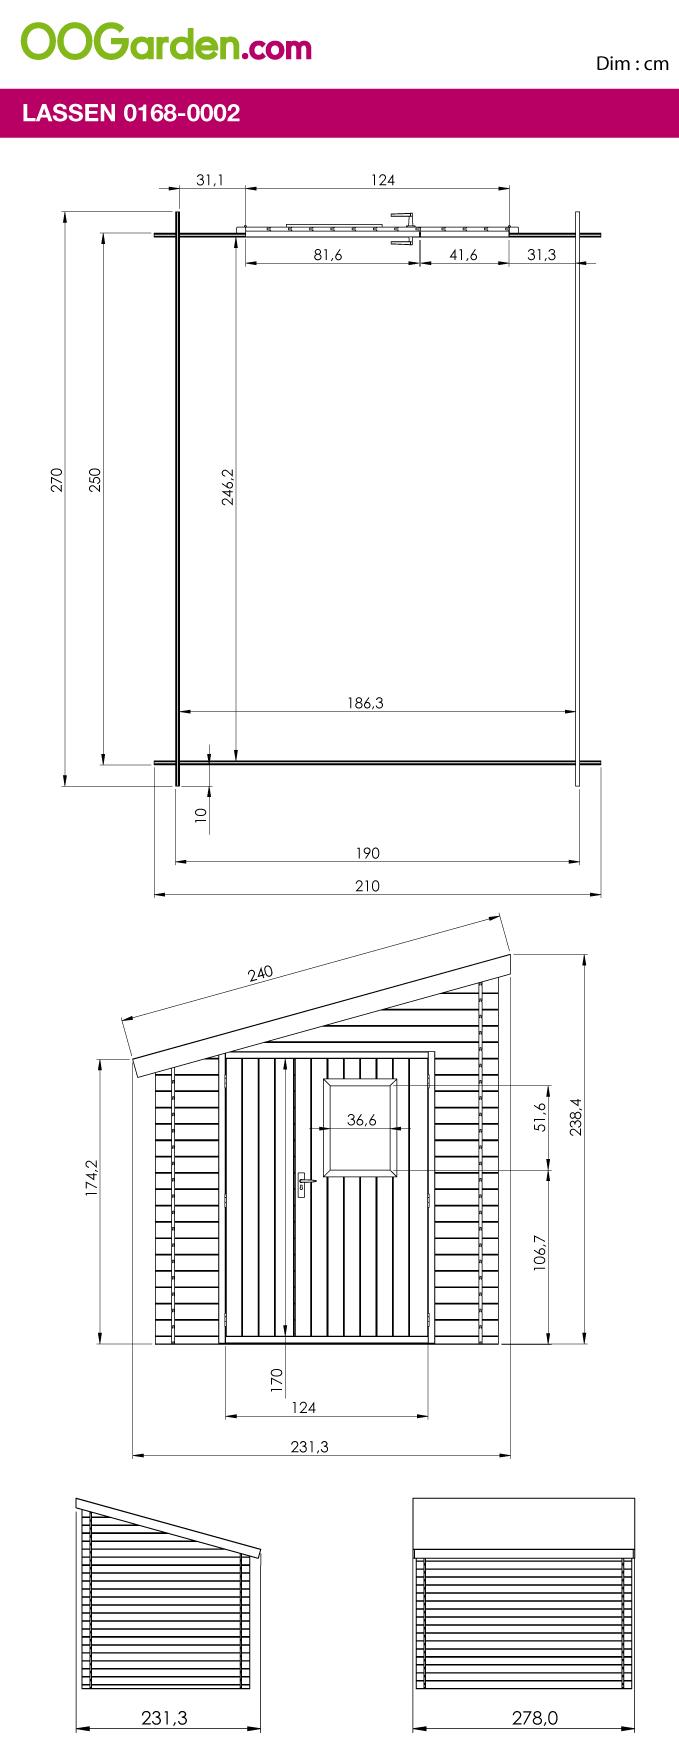 Abri En Bois Adossée 6 M² - Modèle Lassen - Oogarden France ... tout Abri Jardin Oogarden